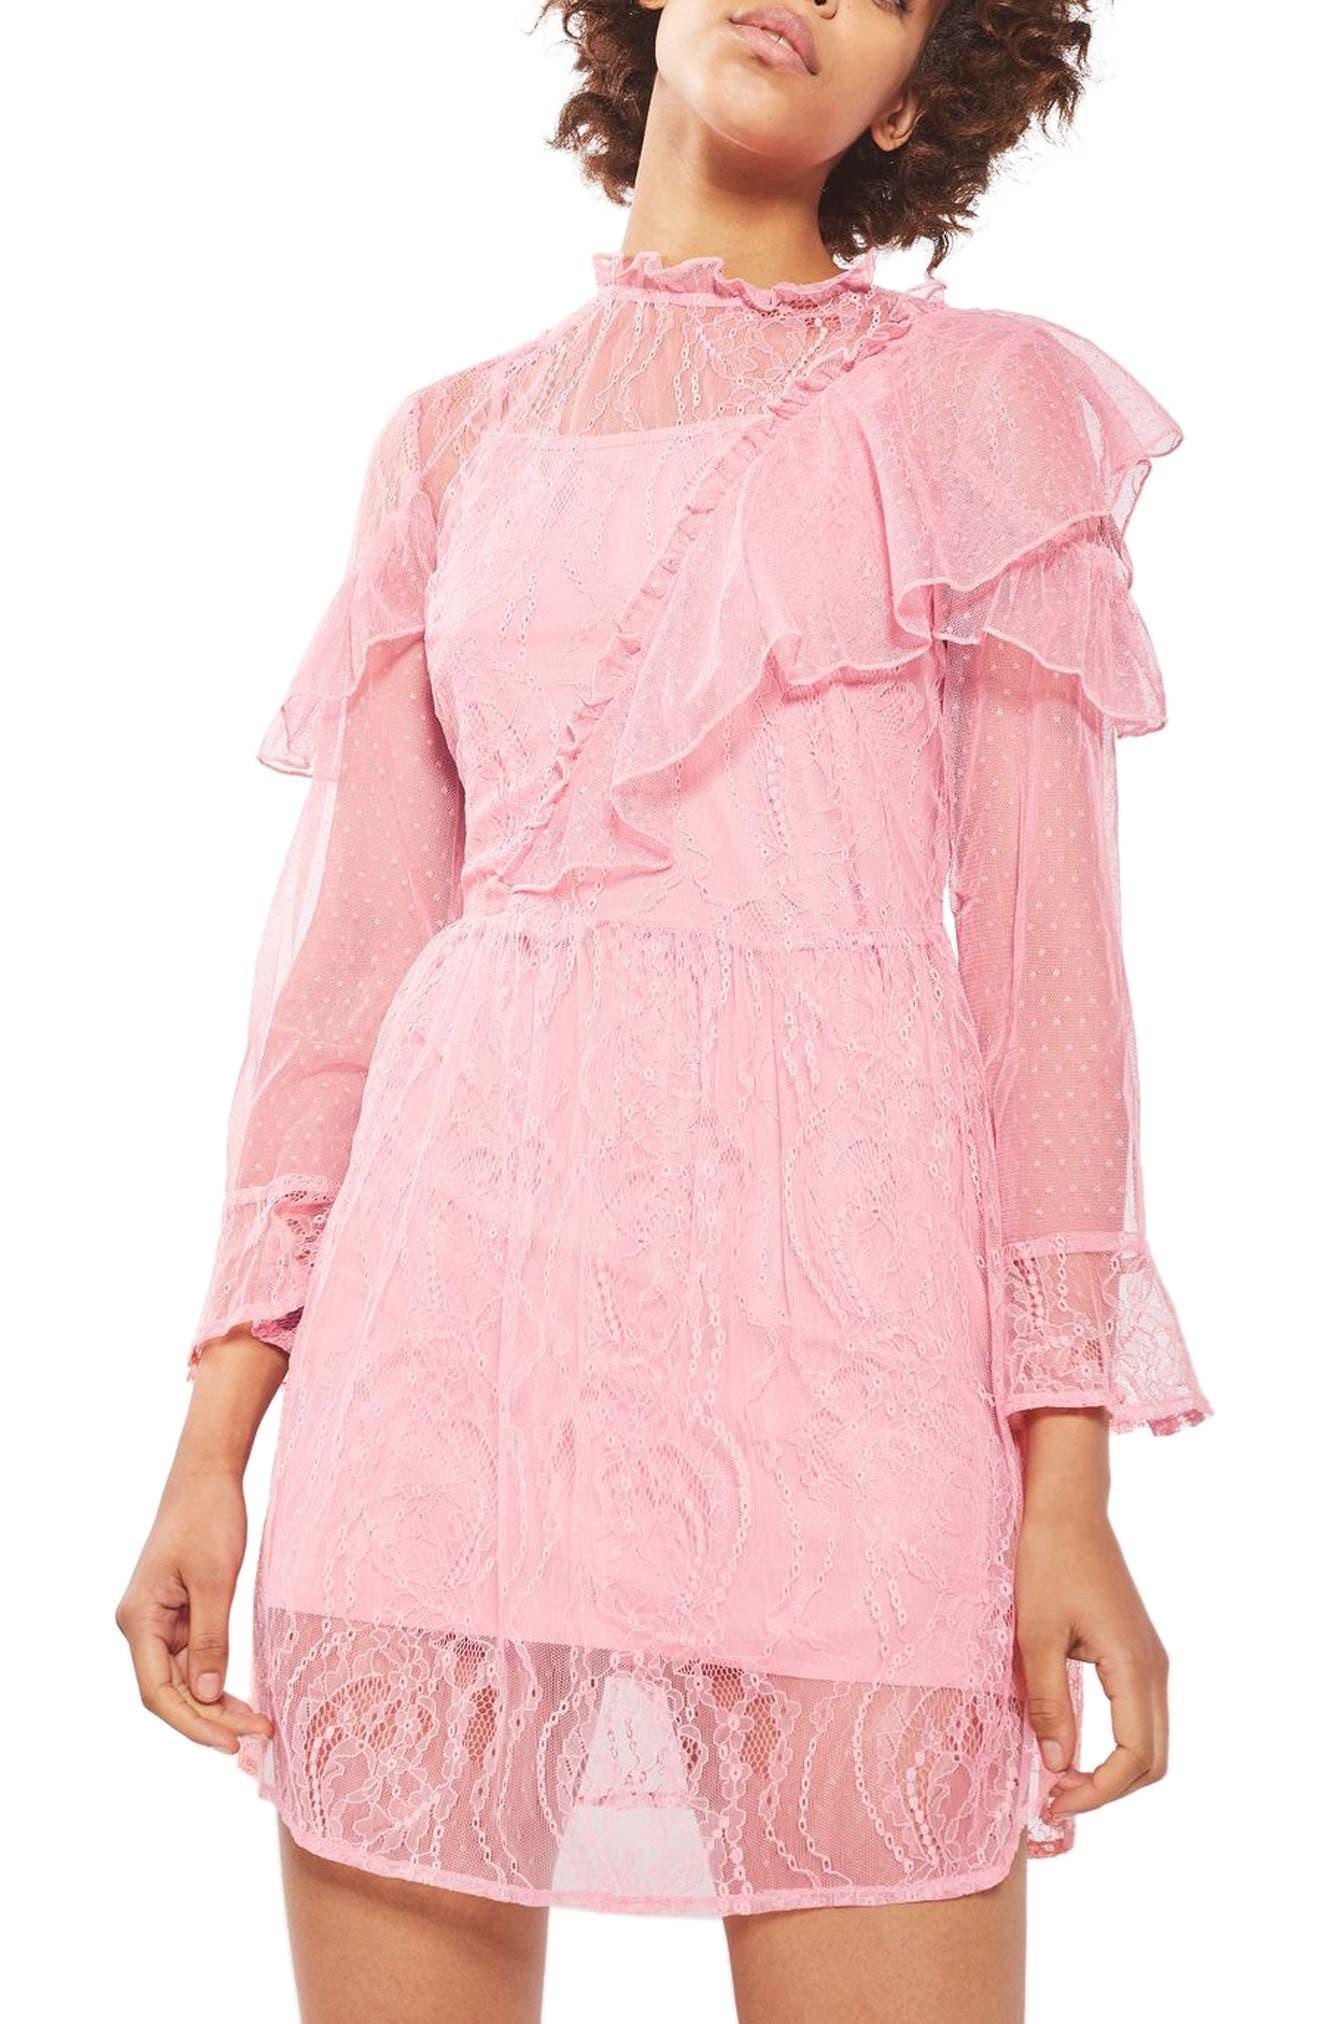 Topshop Ruffle Lace Minidress